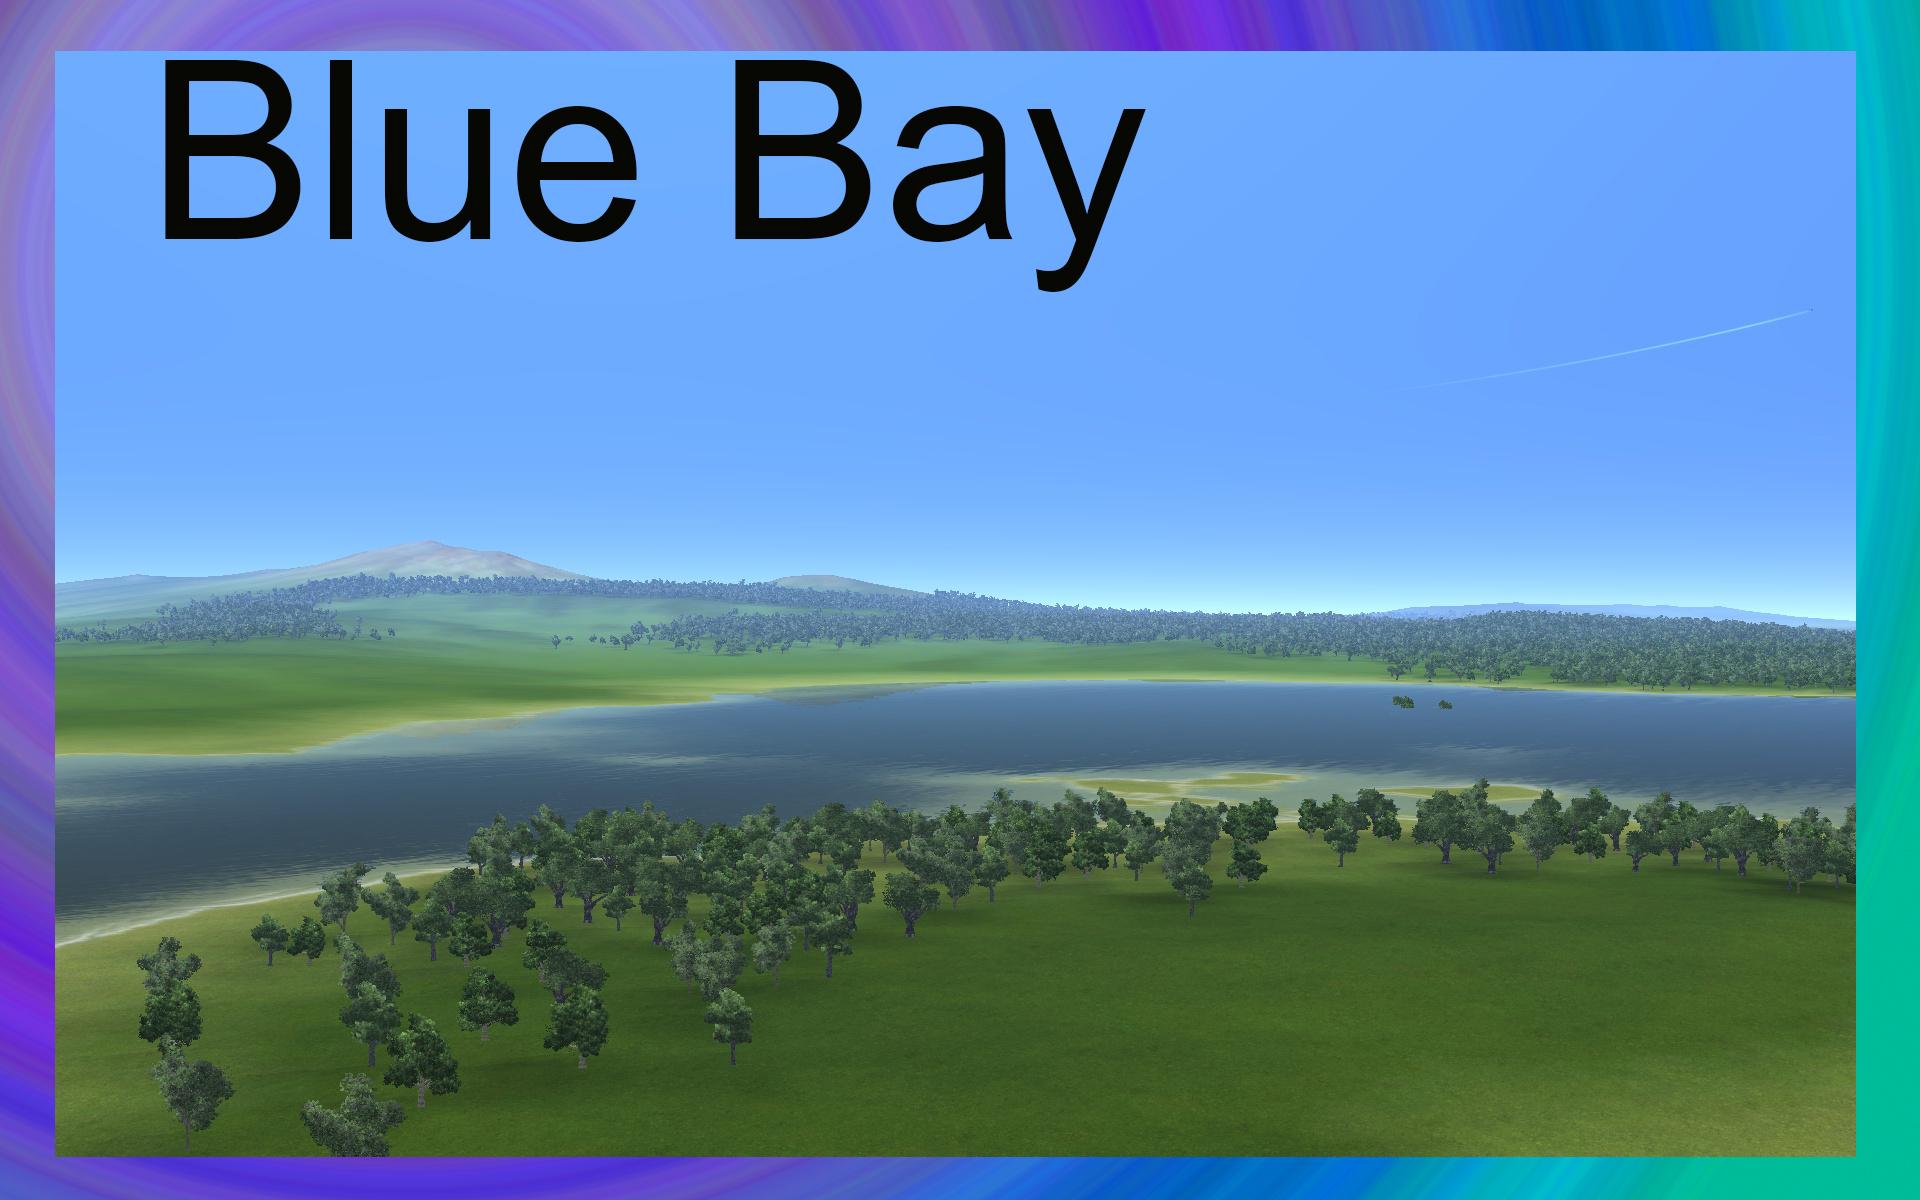 bluebay01.jpg